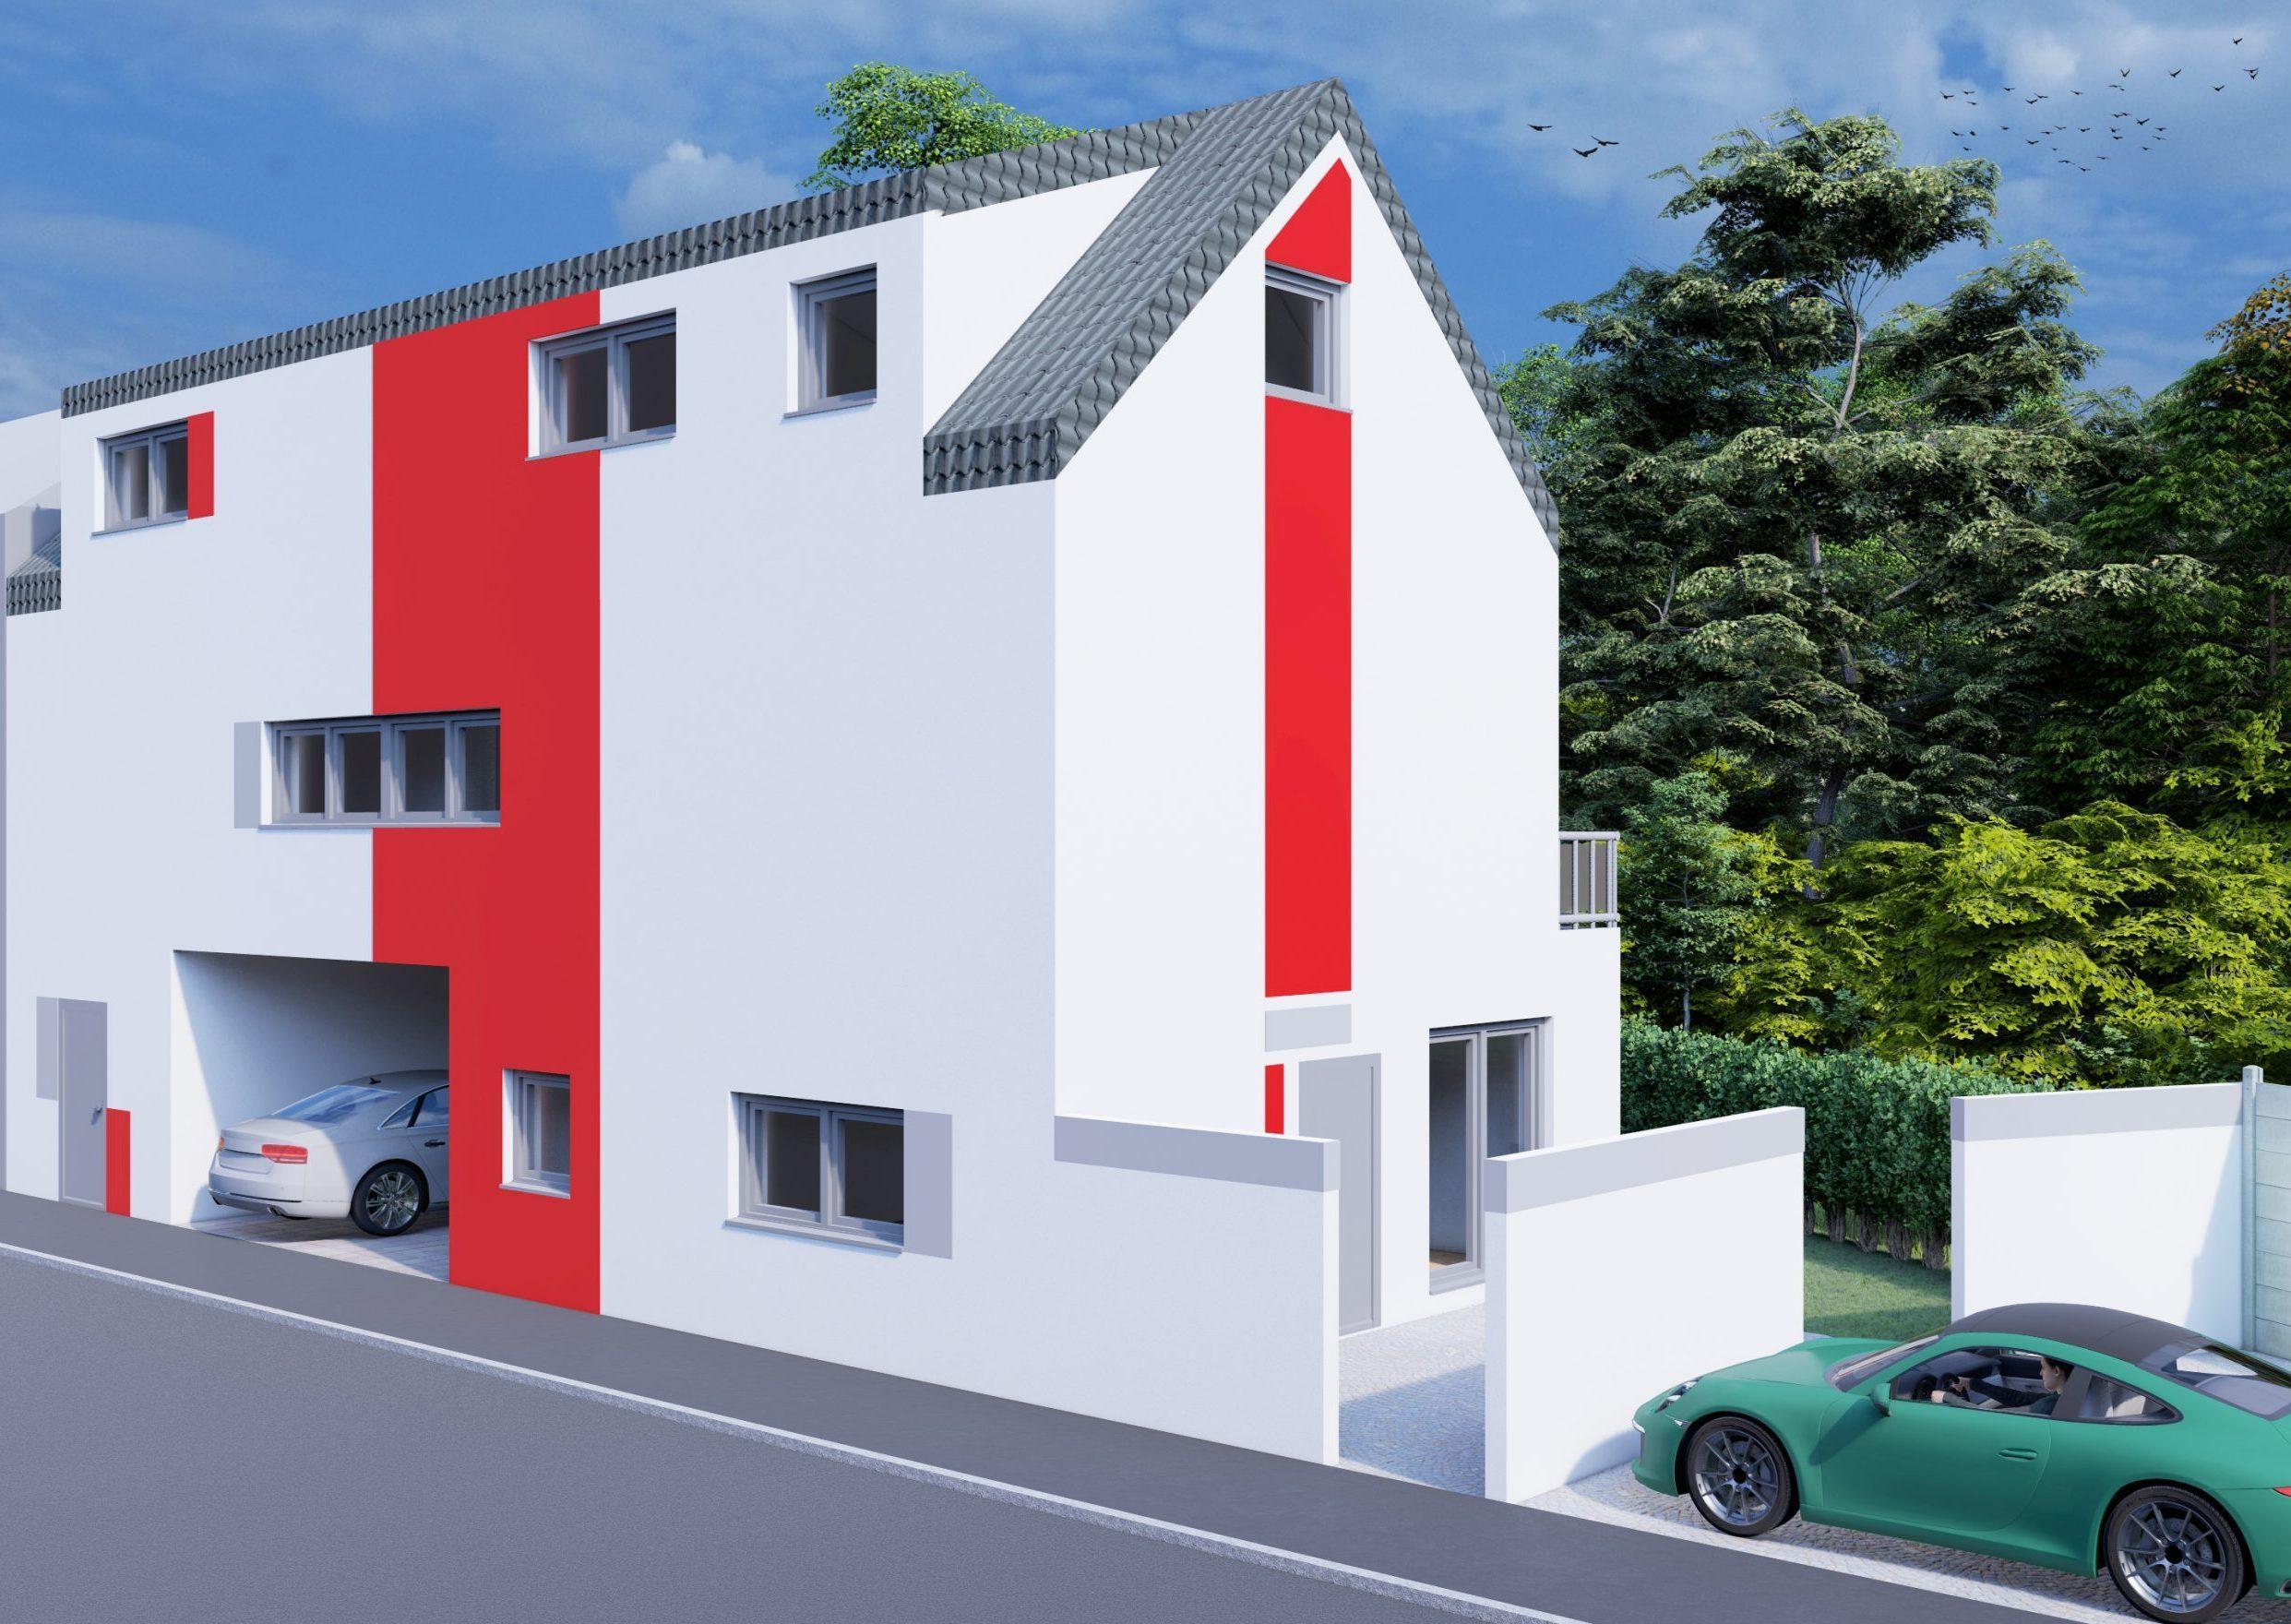 Einfamilienhaus Augsburg Oberhausen Schlüsselfertig Rohbau Baufirma Bauunternehmen Bauträger